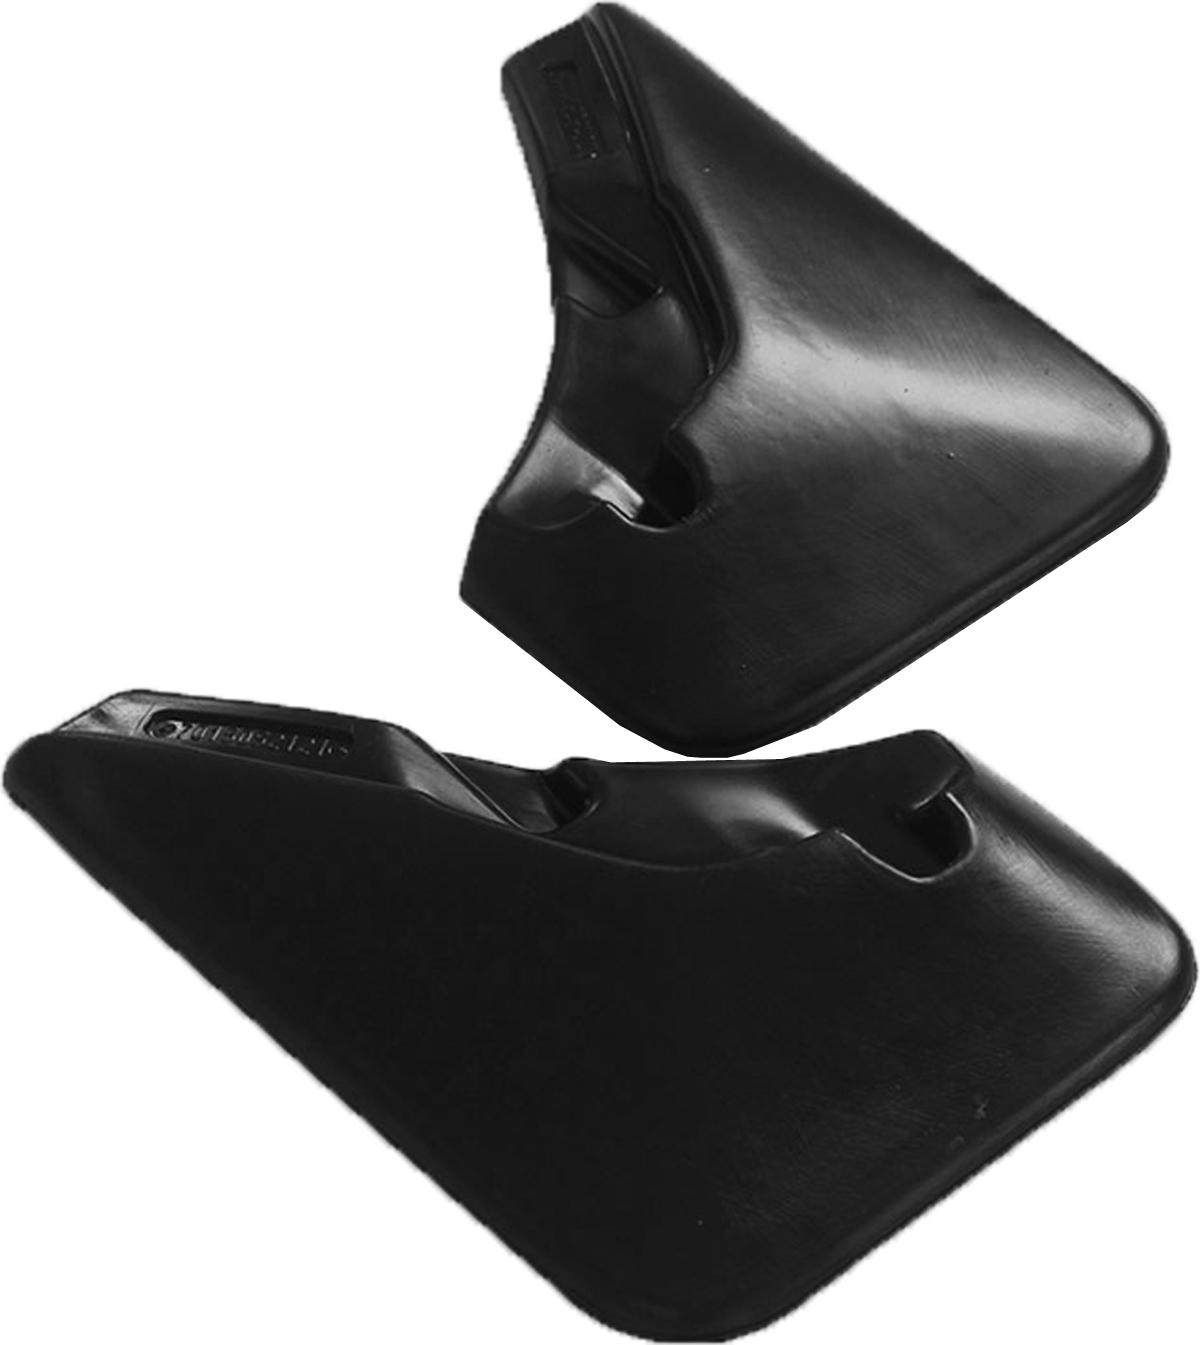 Комплект брызговиков передних для а/м Fiat Doblo7010021561Брызговики изготовлены из высококачественного полимера, уникальный состав брызговиков допускает их эксплуатацию в широком диапазоне температур: - 50°С до + 80°С. Эффективно защищают кузов автомобиля от грязи и воды – формируют аэродинамический поток воздуха, создаваемый при движении вокруг кузова таким образом, чтобы максимально уменьшить образование грязевой измороси, оседающей на автомобиле.Разработаны индивидуально для каждой модели автомобиля, с эстетической точки зрения брызговики являются завершением колесной арки.